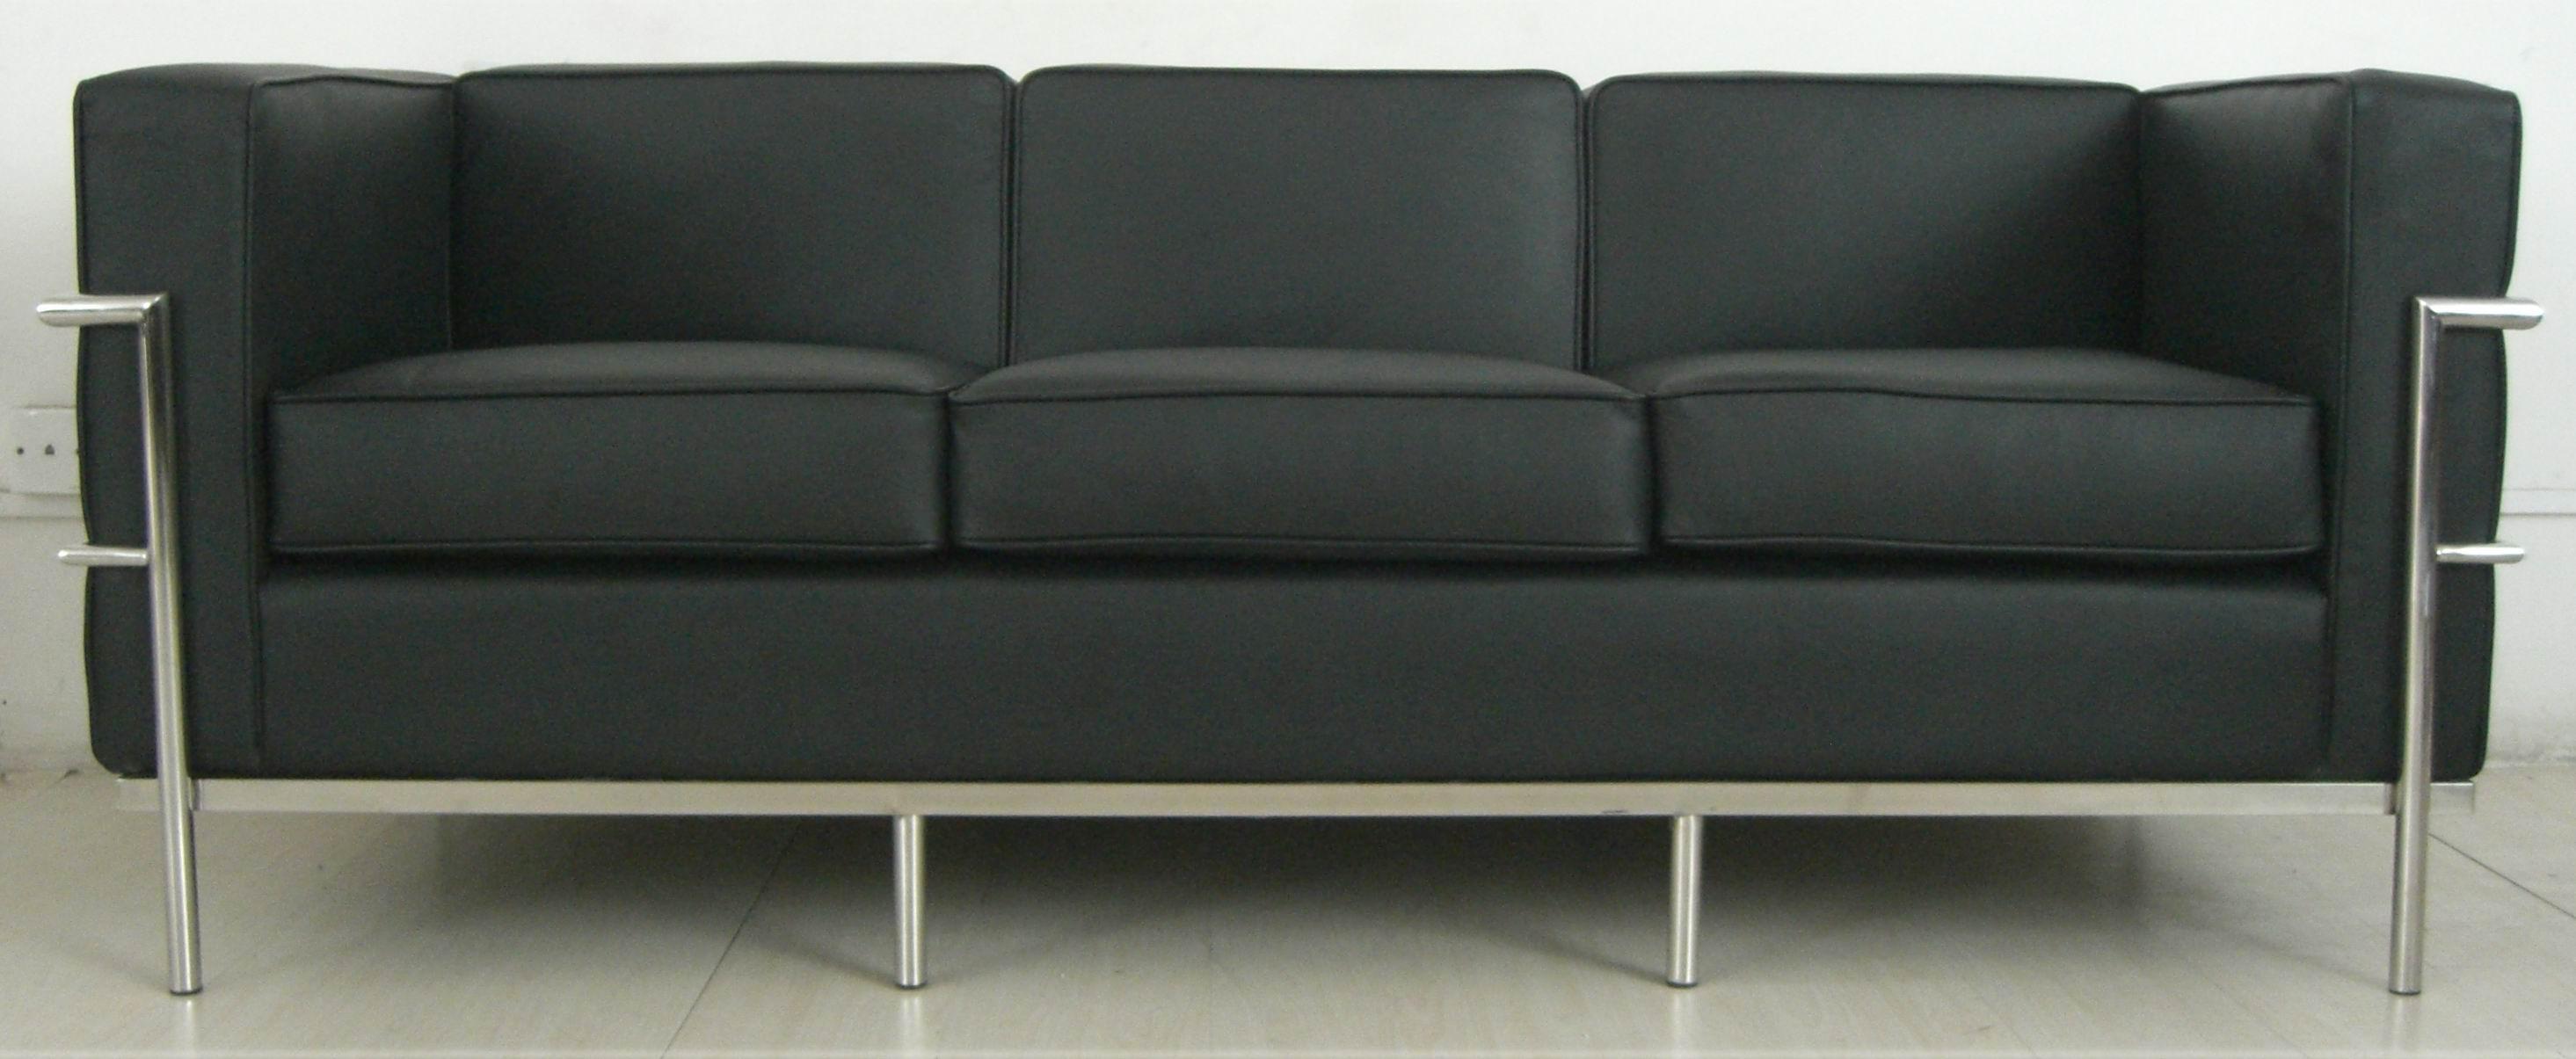 Leather-Sofa-Le-Corbusier-Sofa-LC2-  gATOS EN CASA. Muebles para gatos. Gatos y decoracion